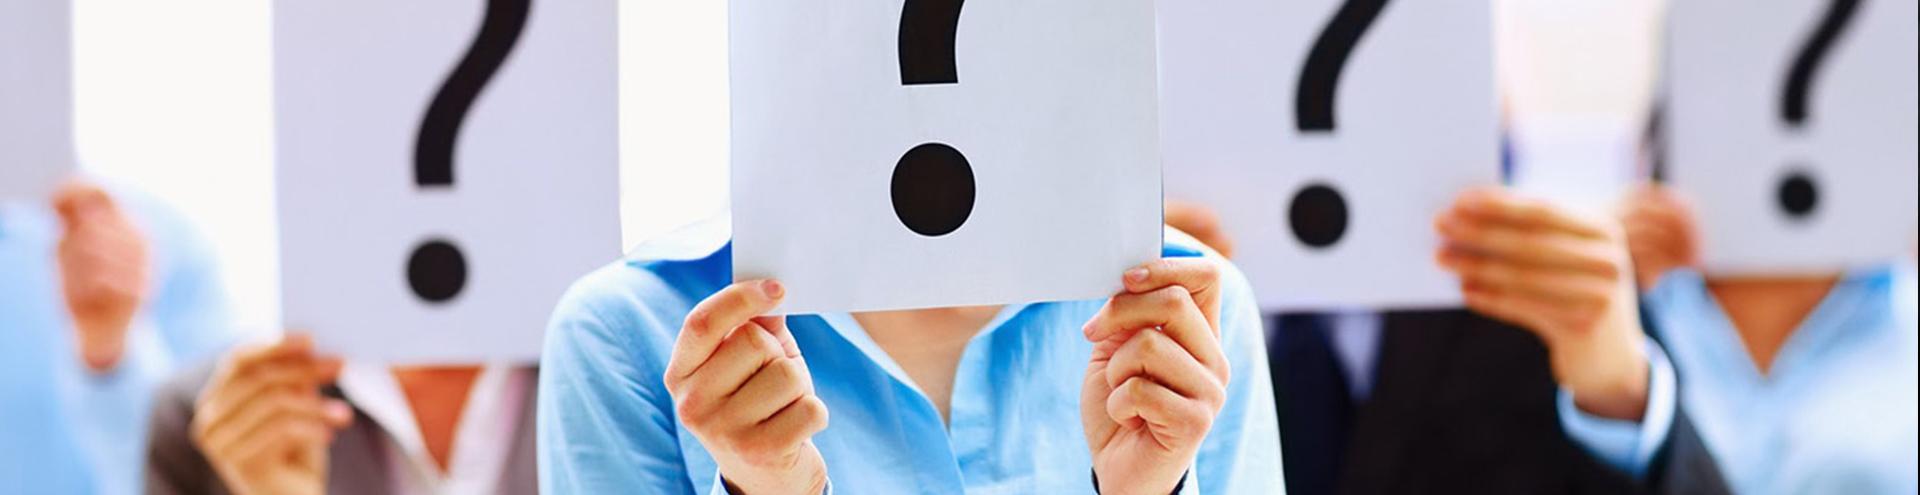 Задать вопрос юристу онлайн в Калуге